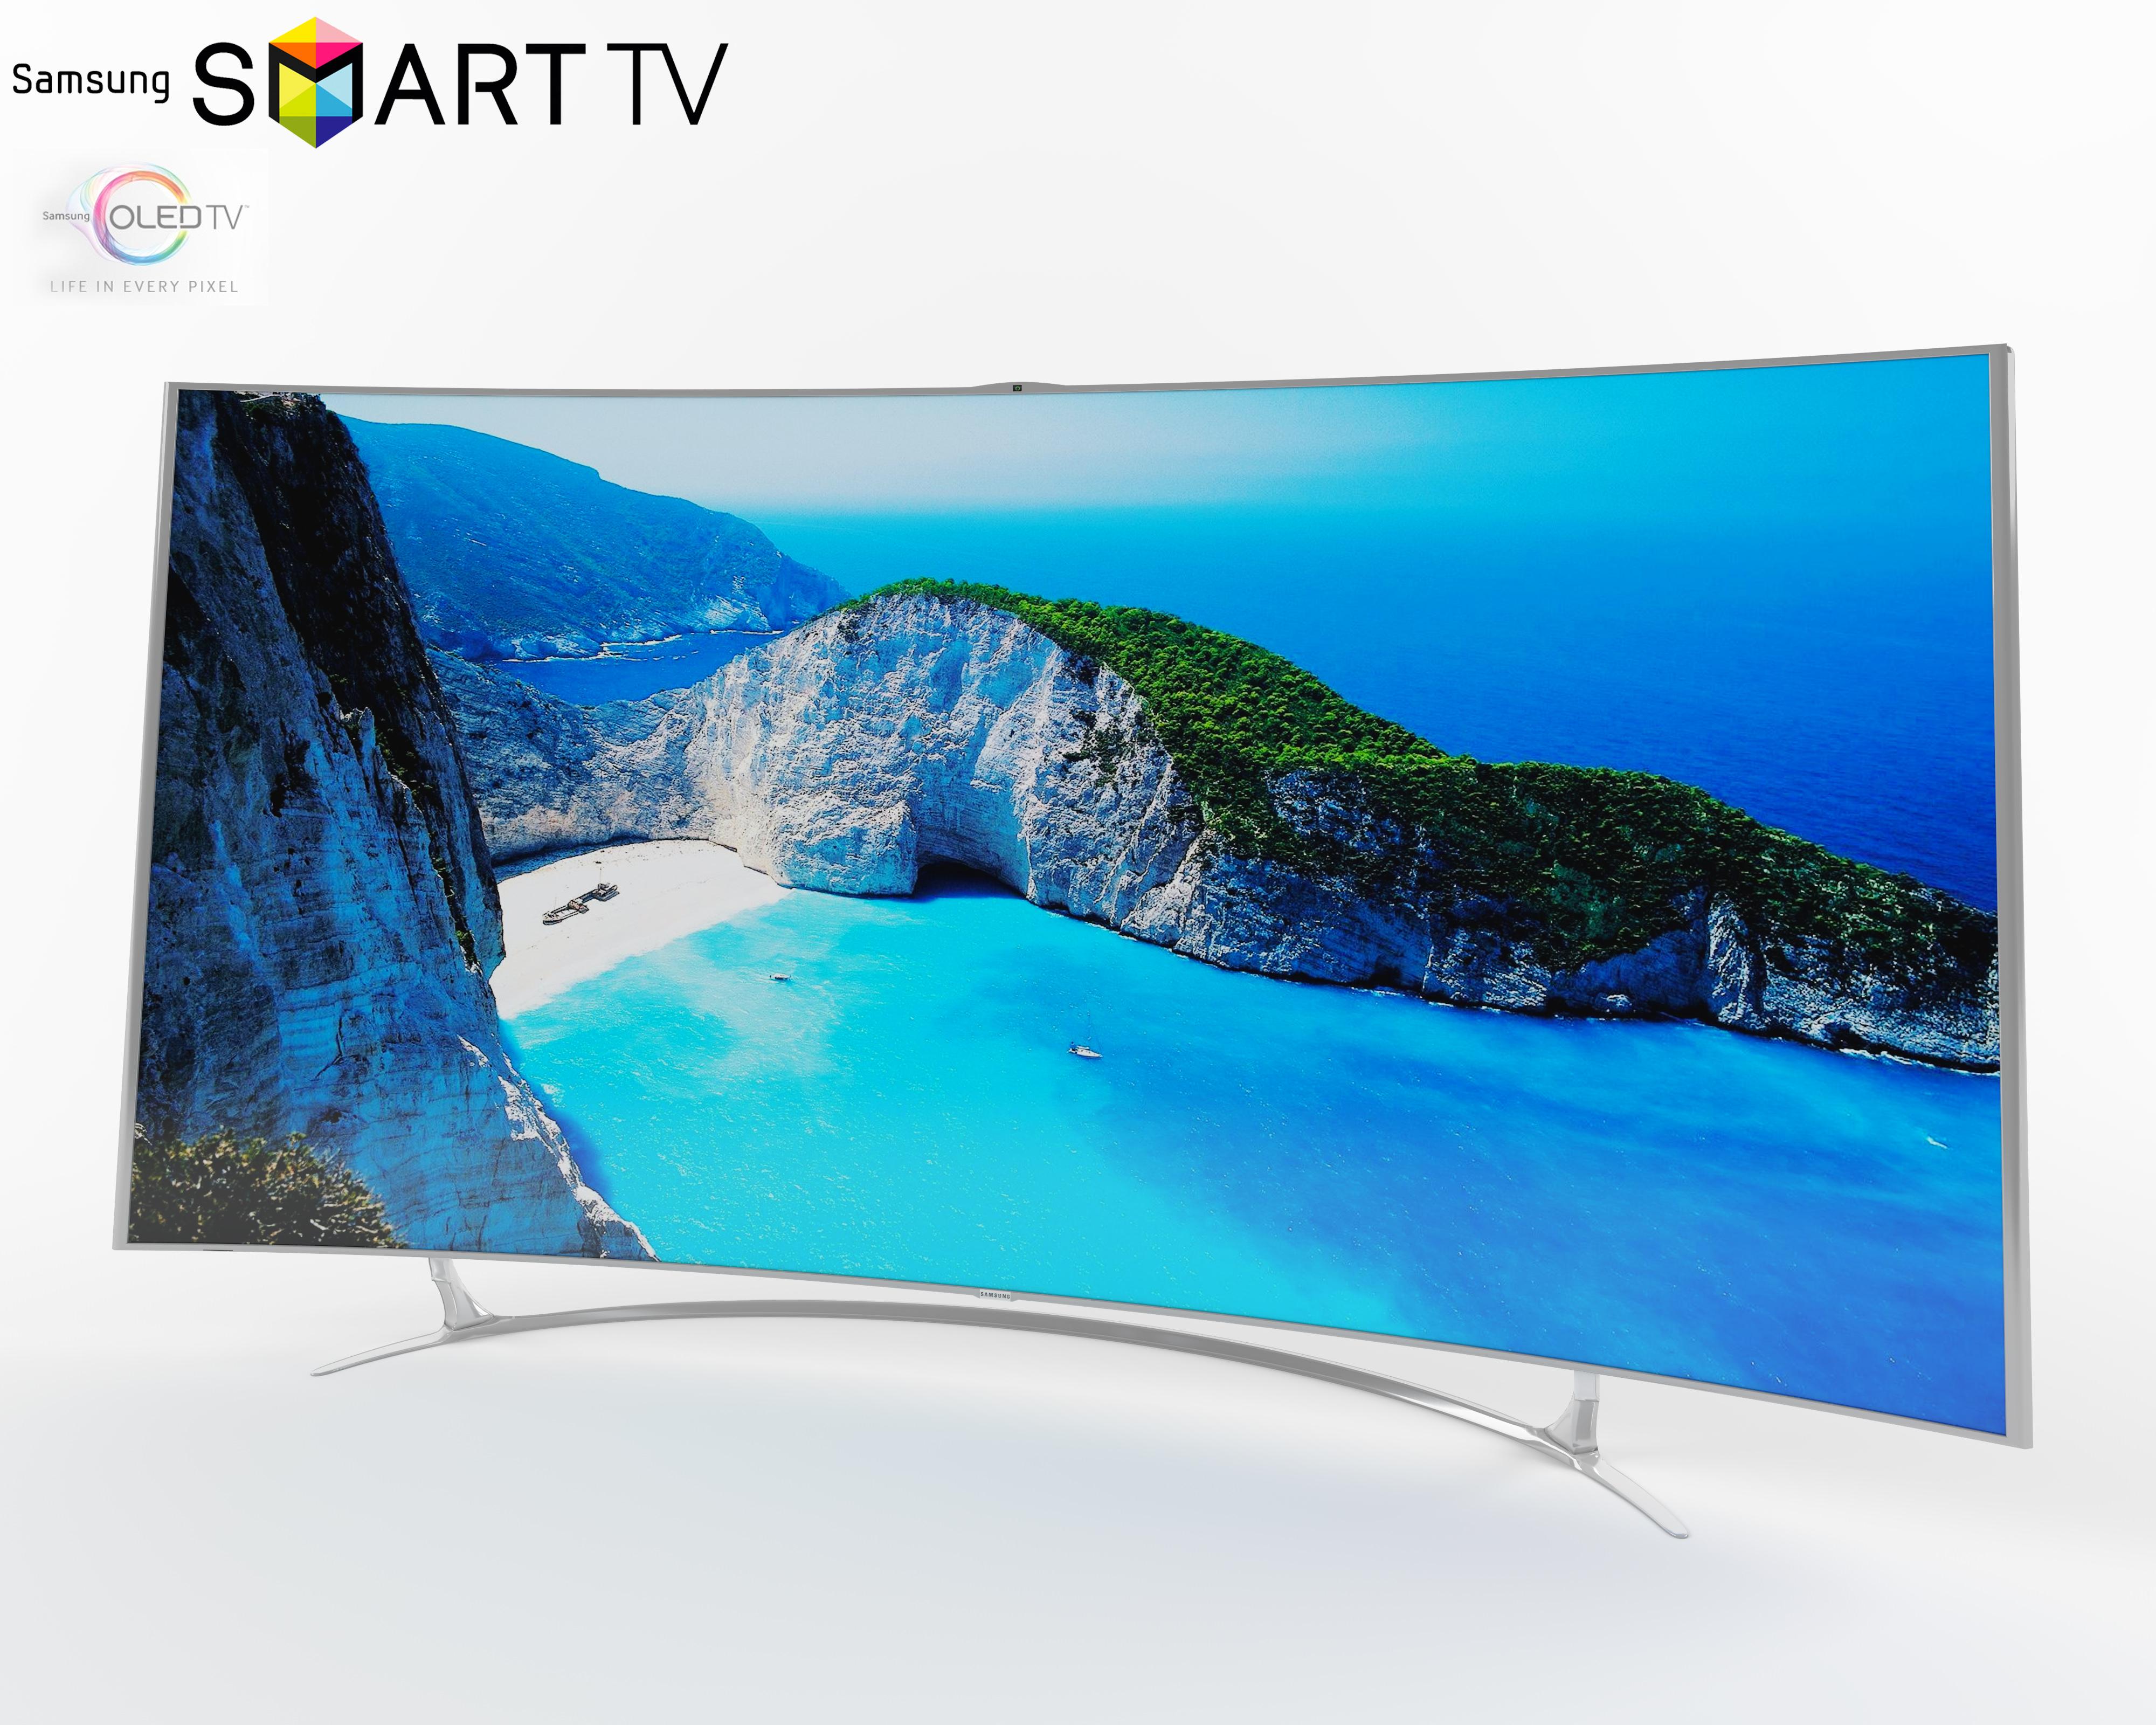 tv samsung oled curve 3d model max obj fbx. Black Bedroom Furniture Sets. Home Design Ideas